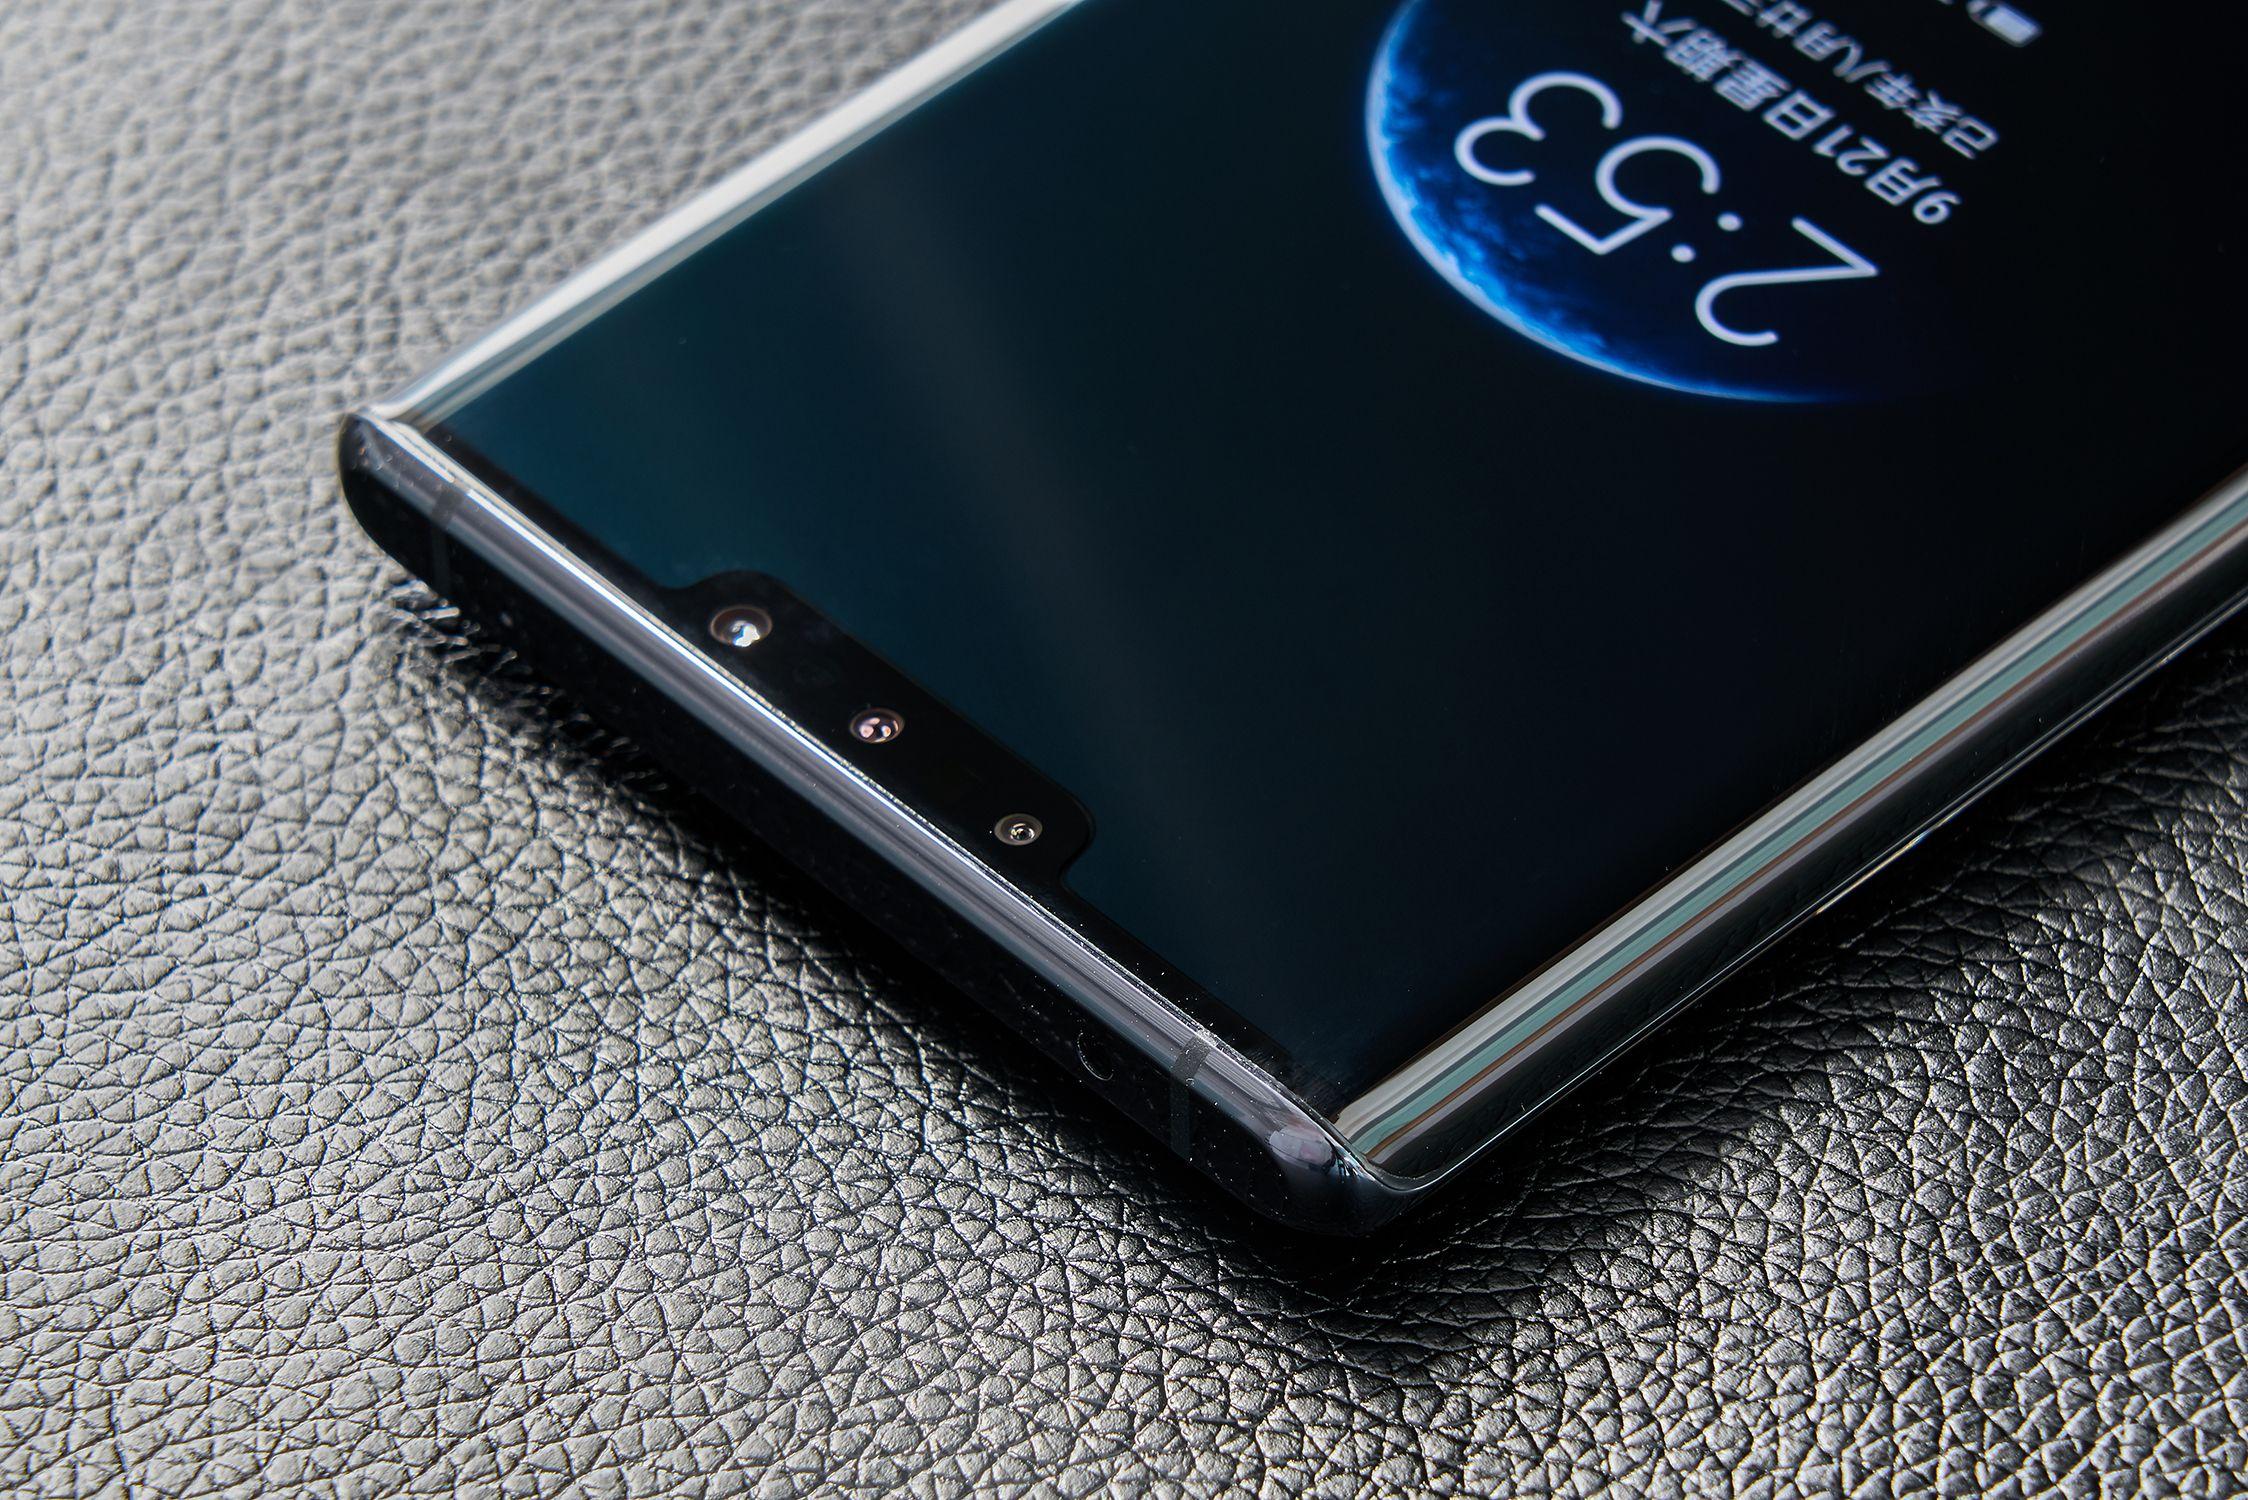 华为Mate30 Pro上手评测:超曲面环幕屏,影像能力提升明显的照片 - 9